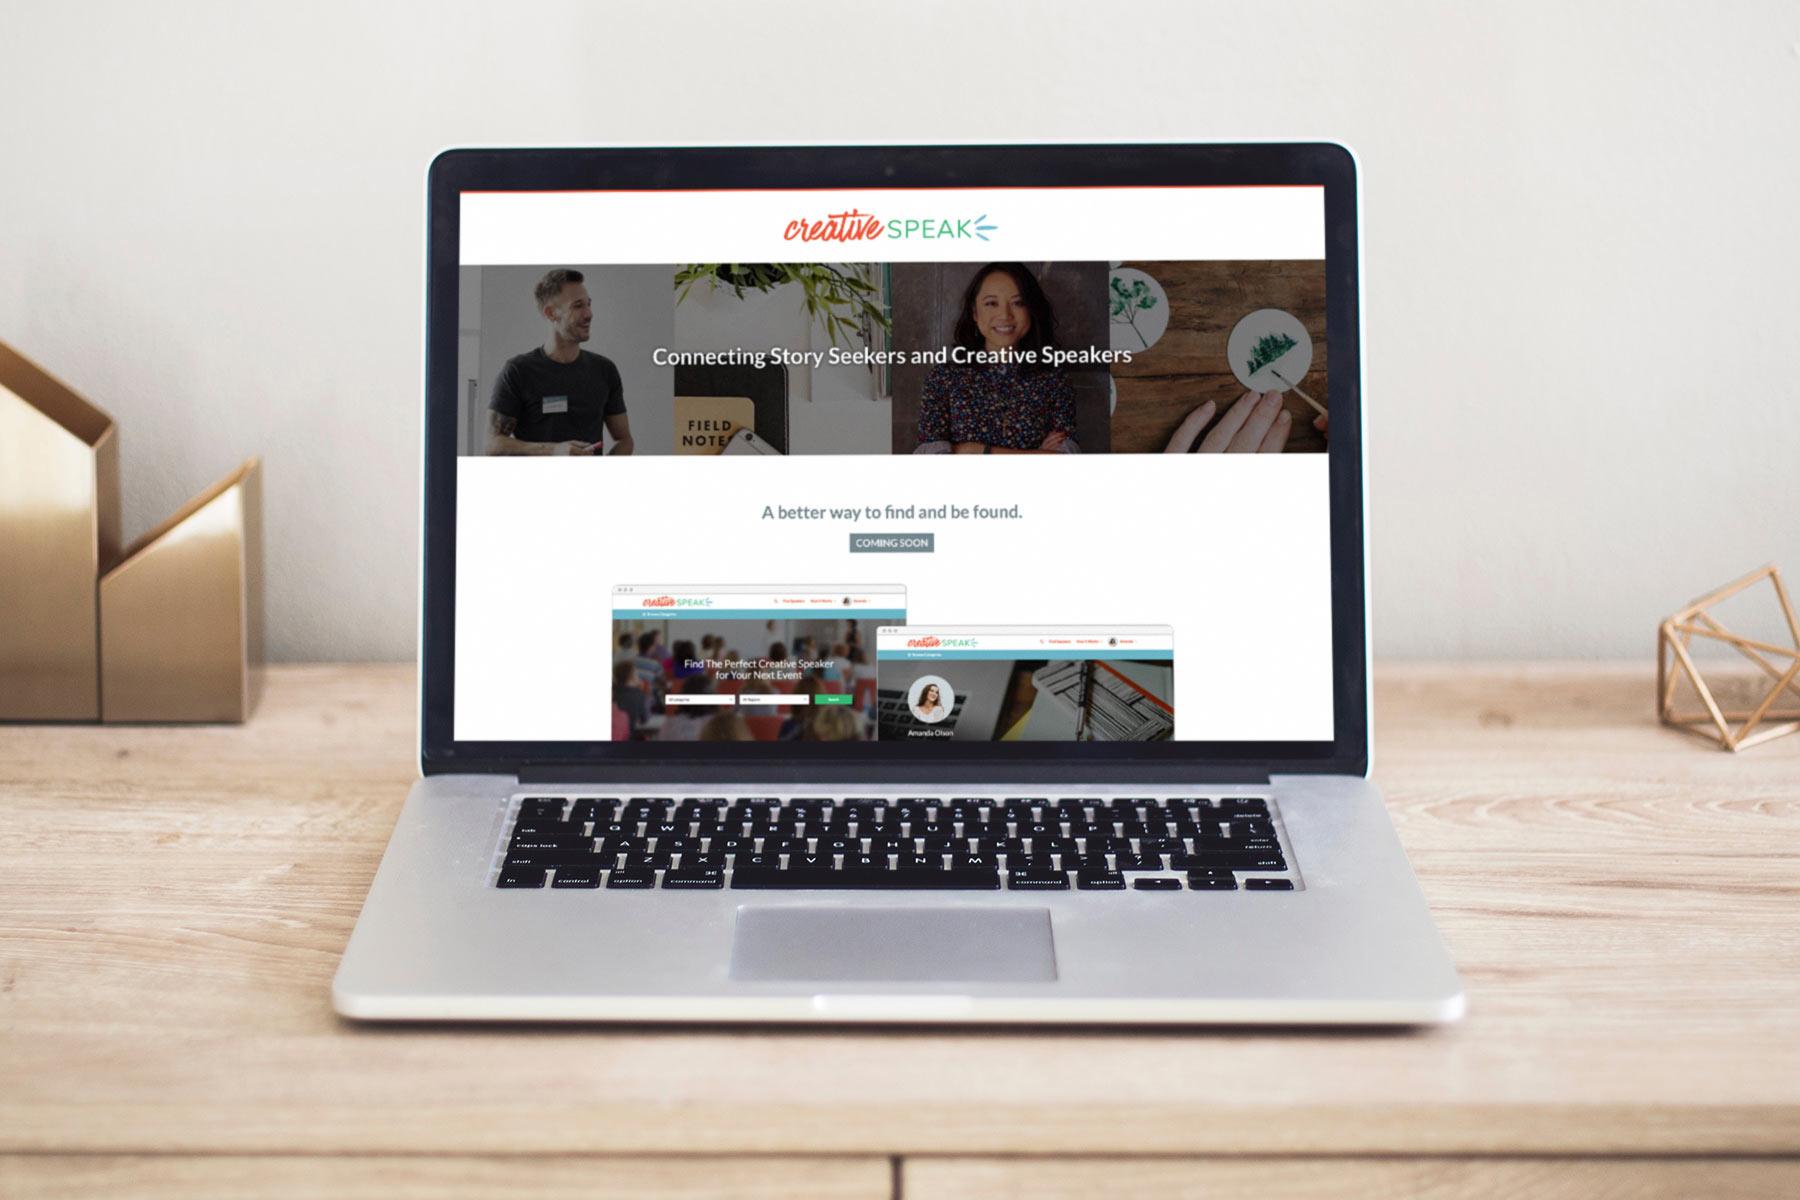 Creative Speak - Landing page design shown on Macbook